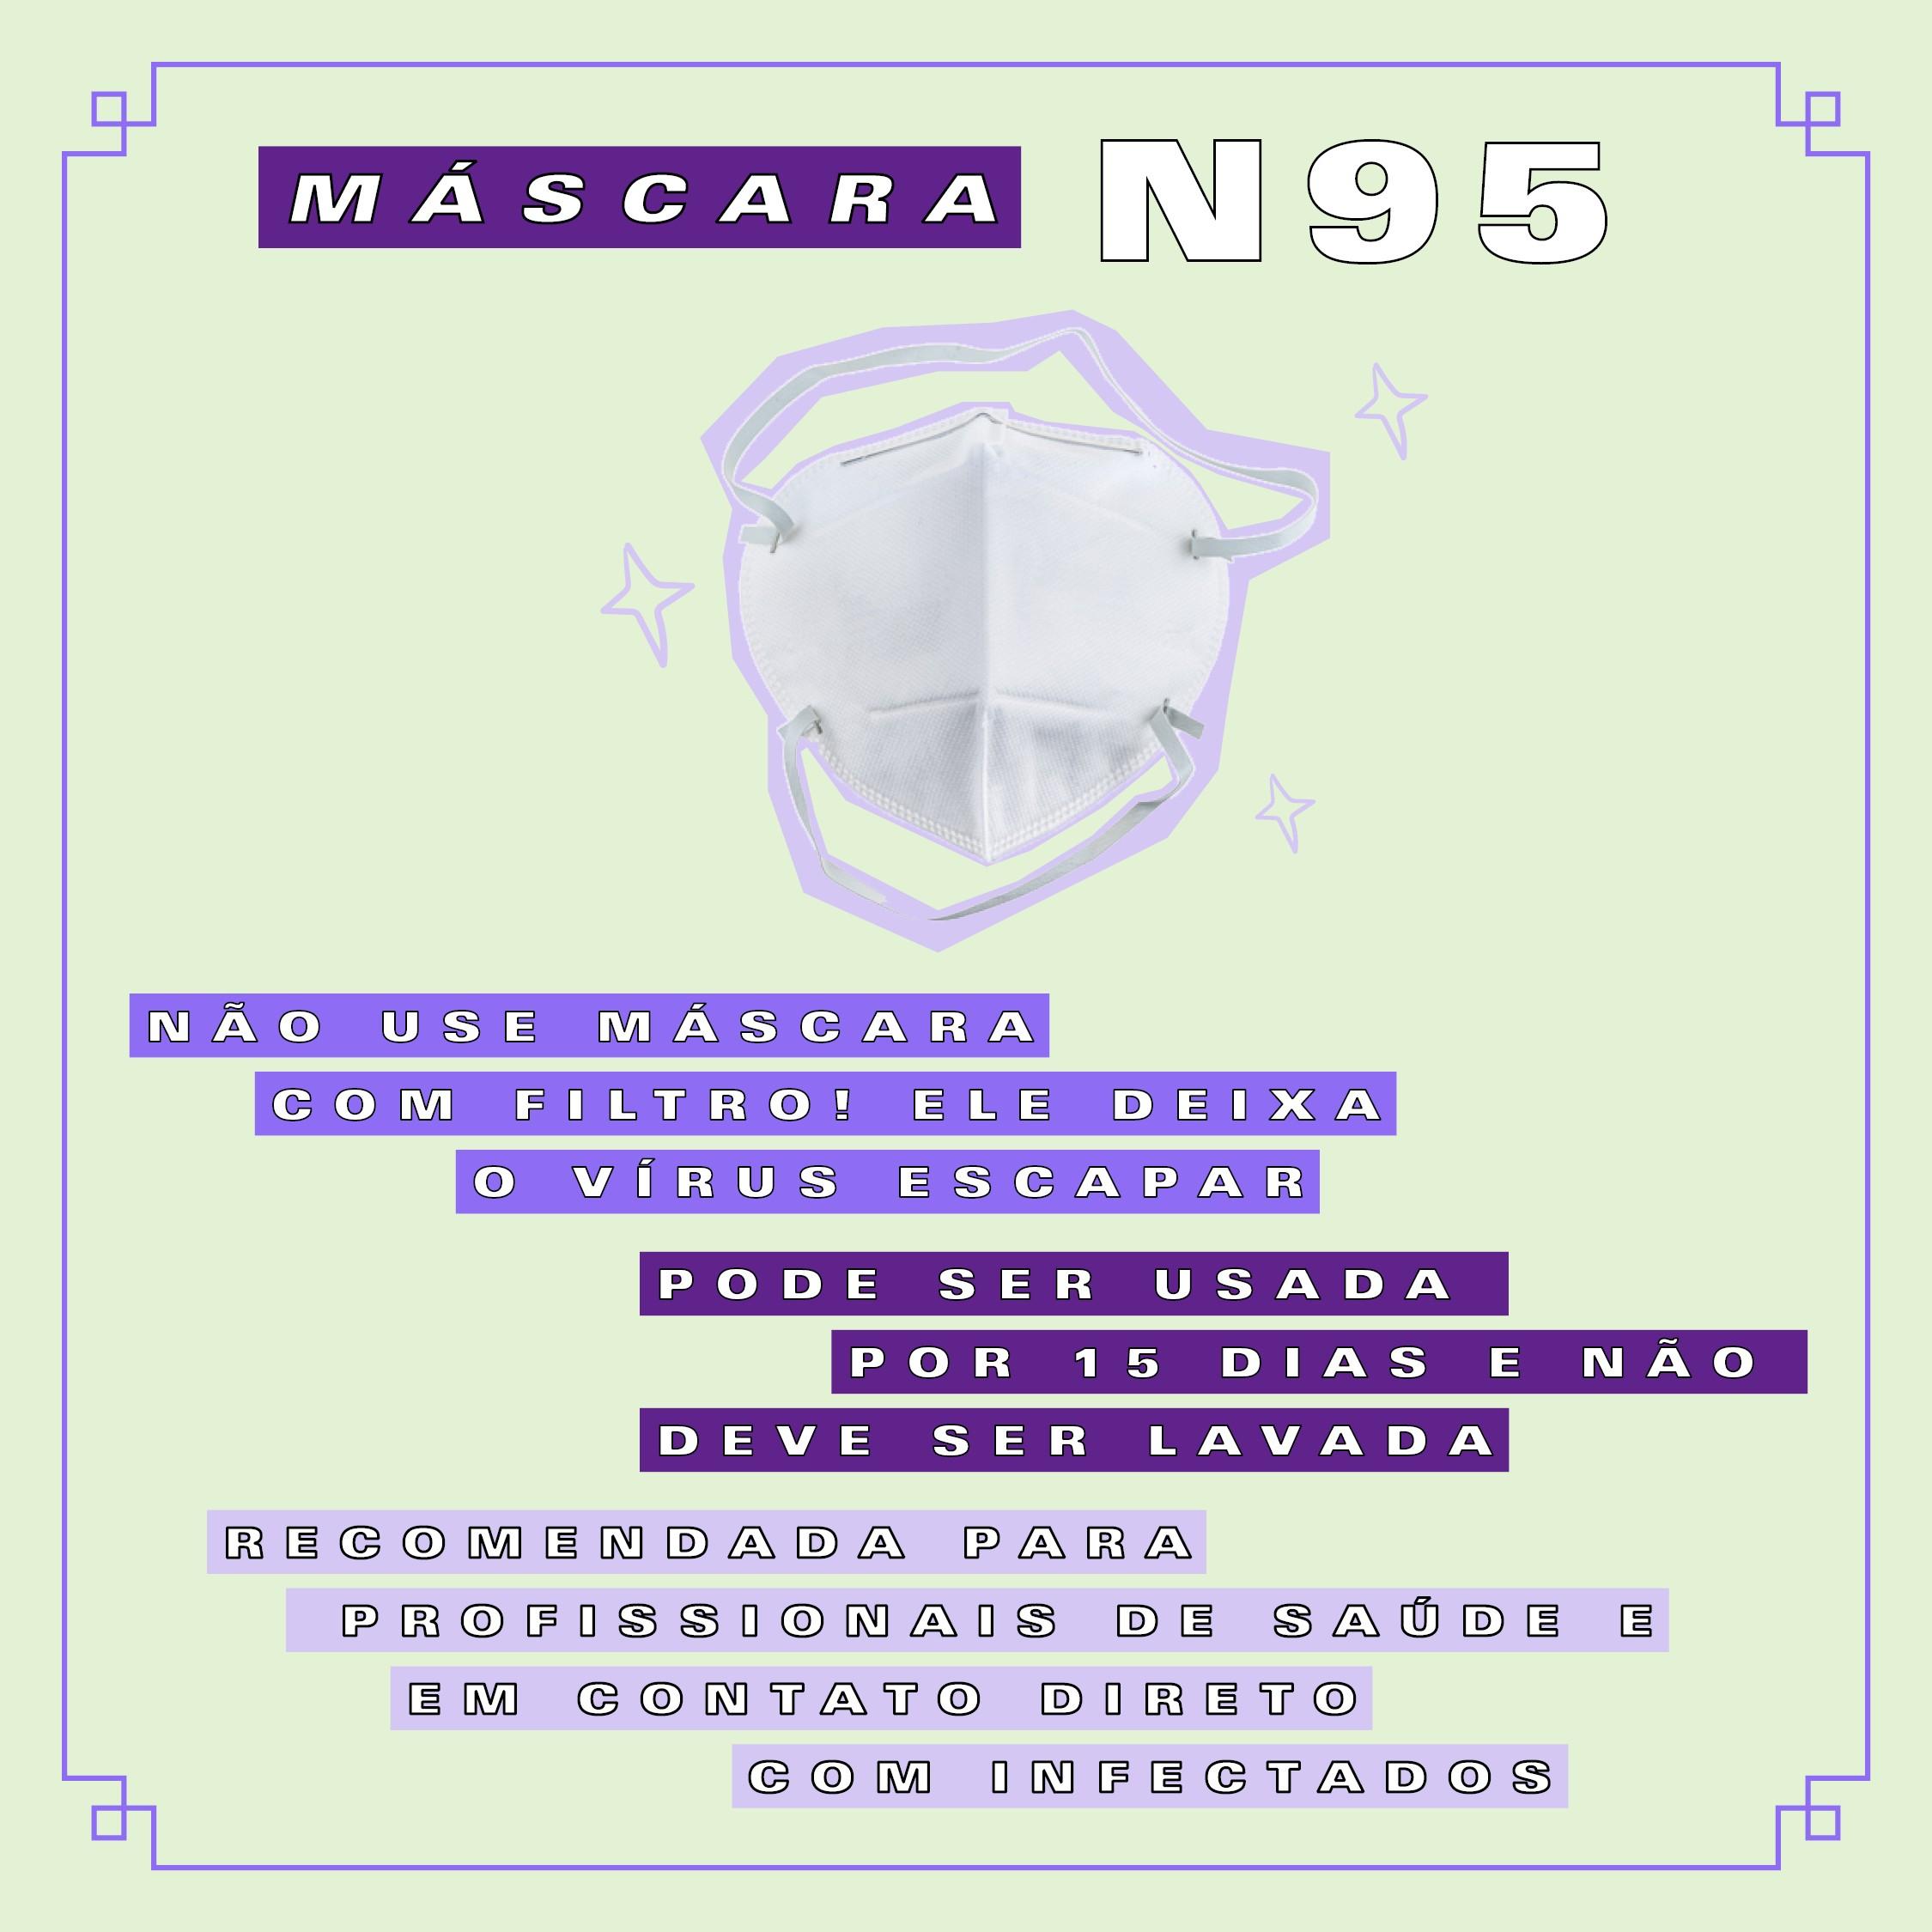 Máscara N95 (Foto: Arte: Victoria Polak)